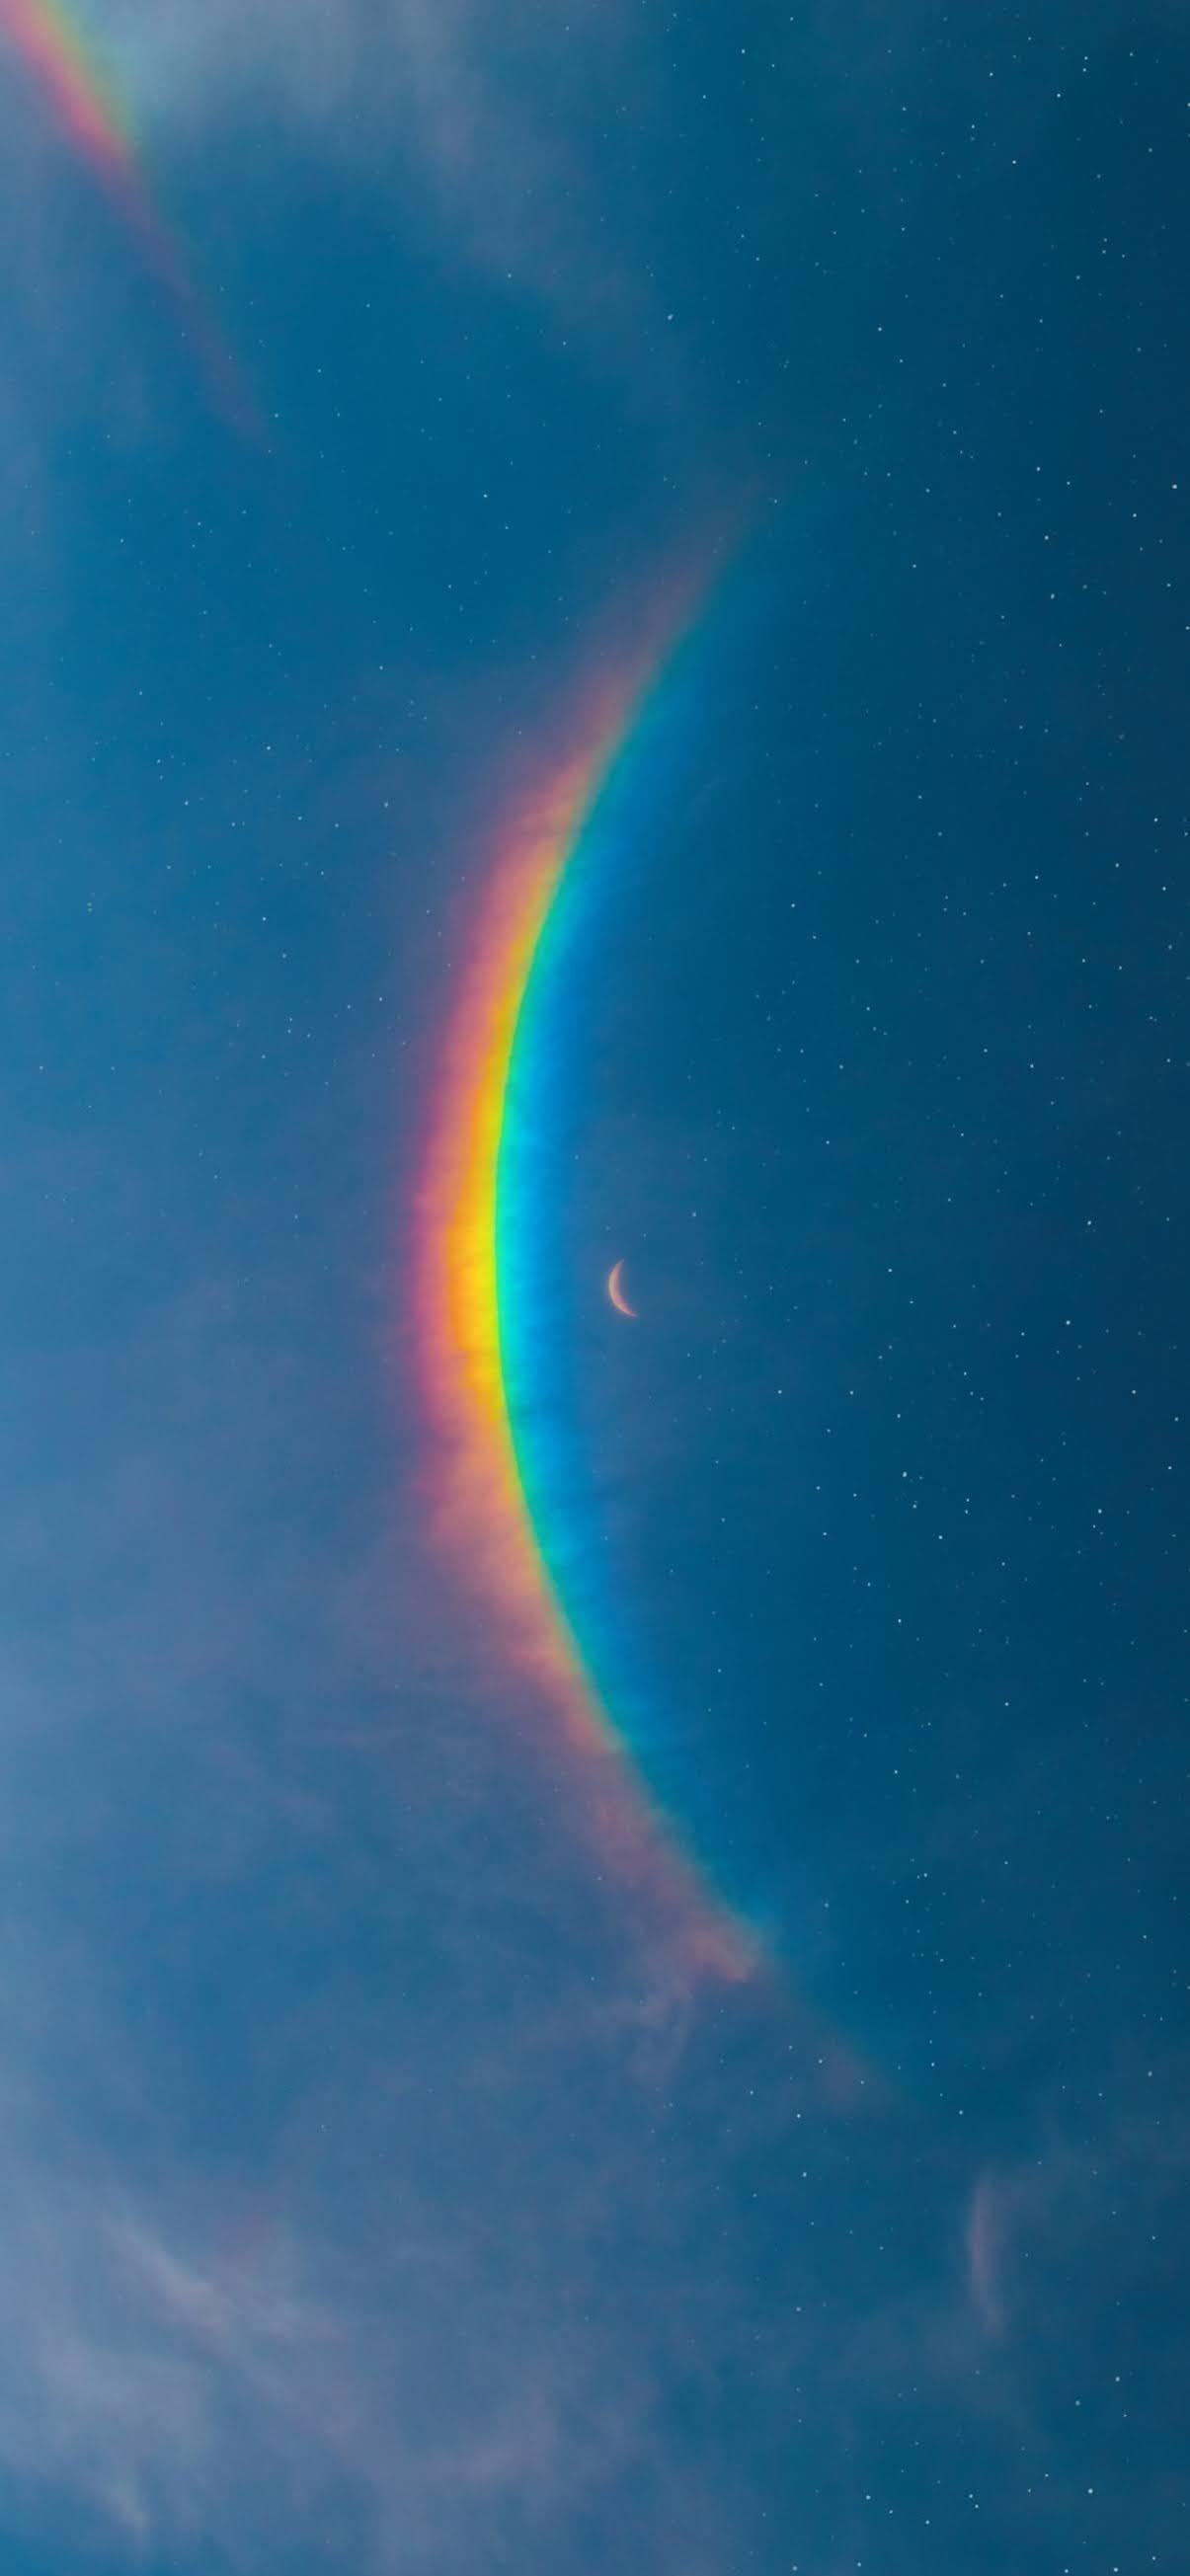 Ánh trăng trên bầu trời đầy sắc màu với cầu vòng siêu đẹp